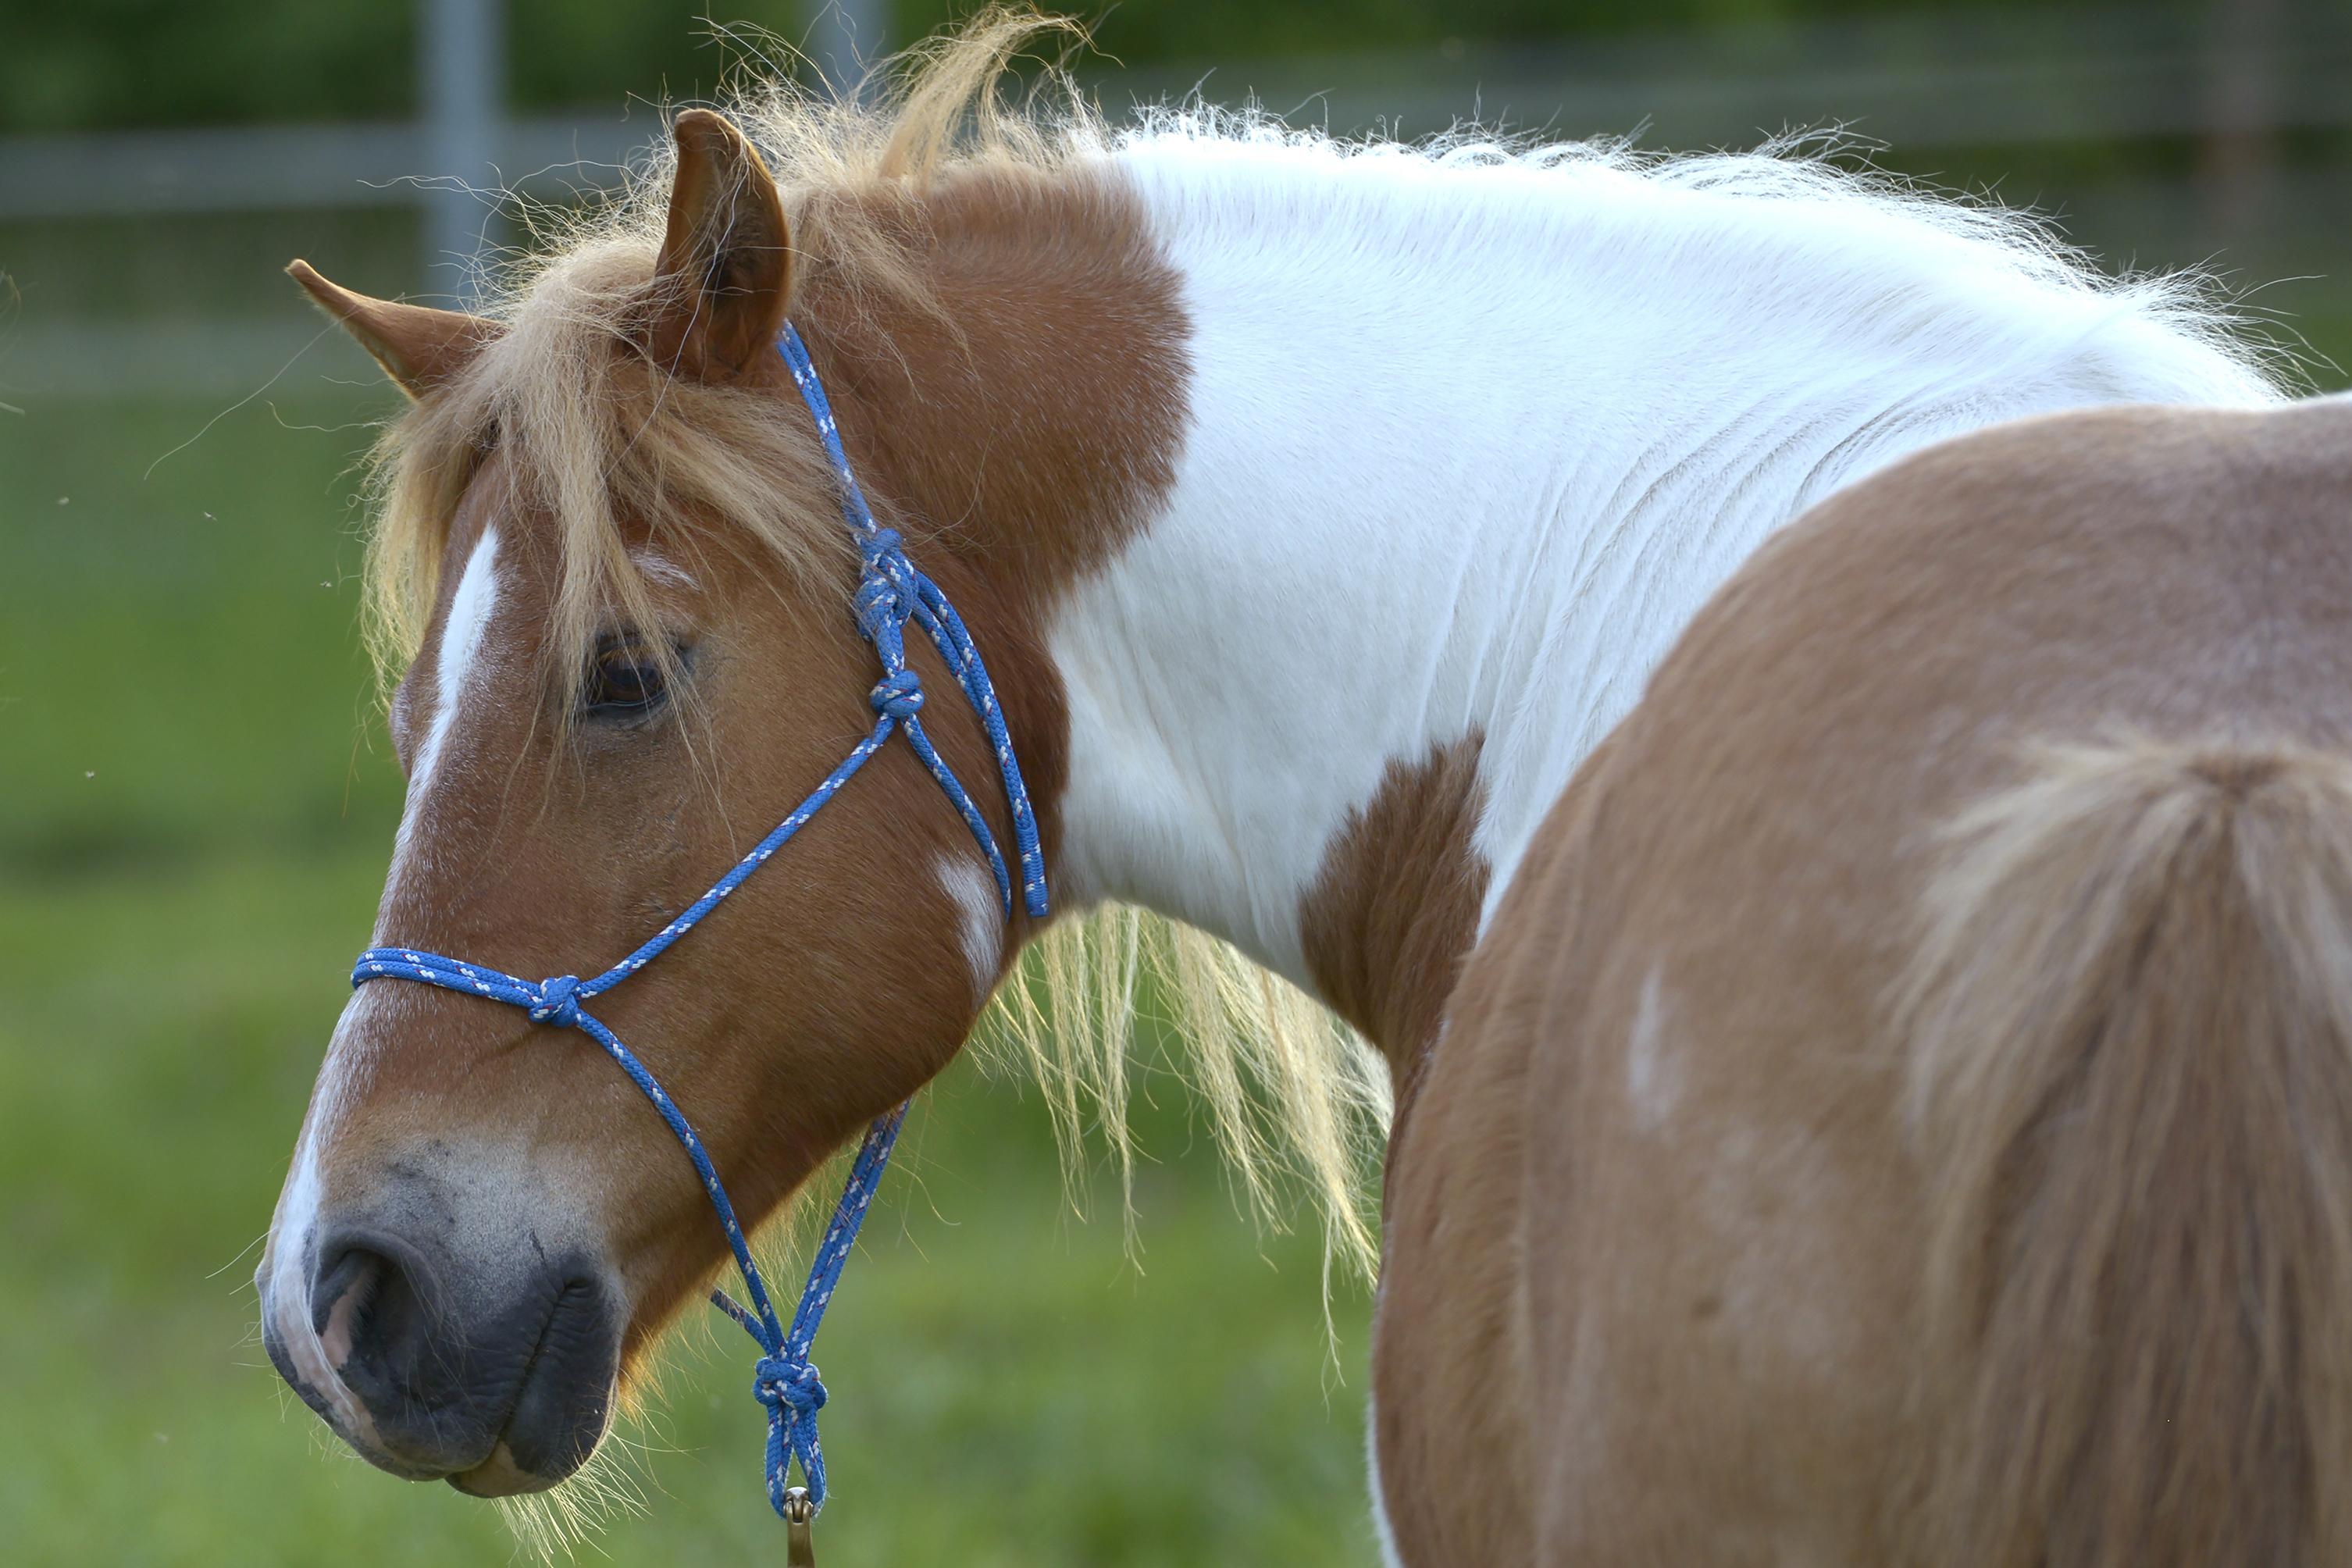 ich w nsch mir ein pony vortrag mit gespr chsrunde achtsames reiten regensburg. Black Bedroom Furniture Sets. Home Design Ideas